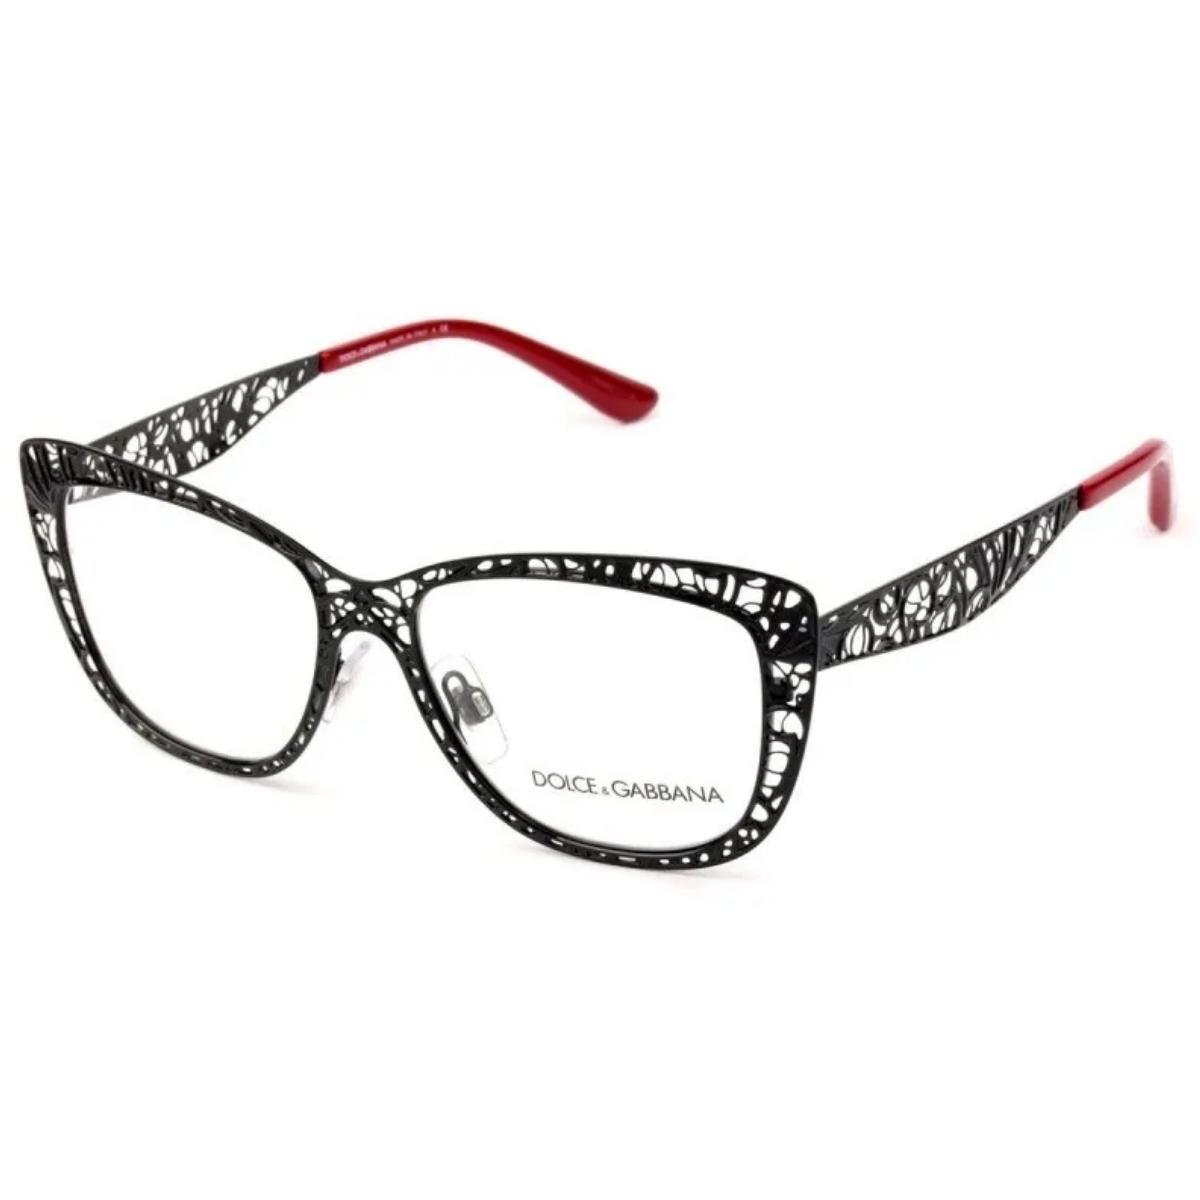 Óculos de Grau Feminino Dolce & Gabbana DG 1287